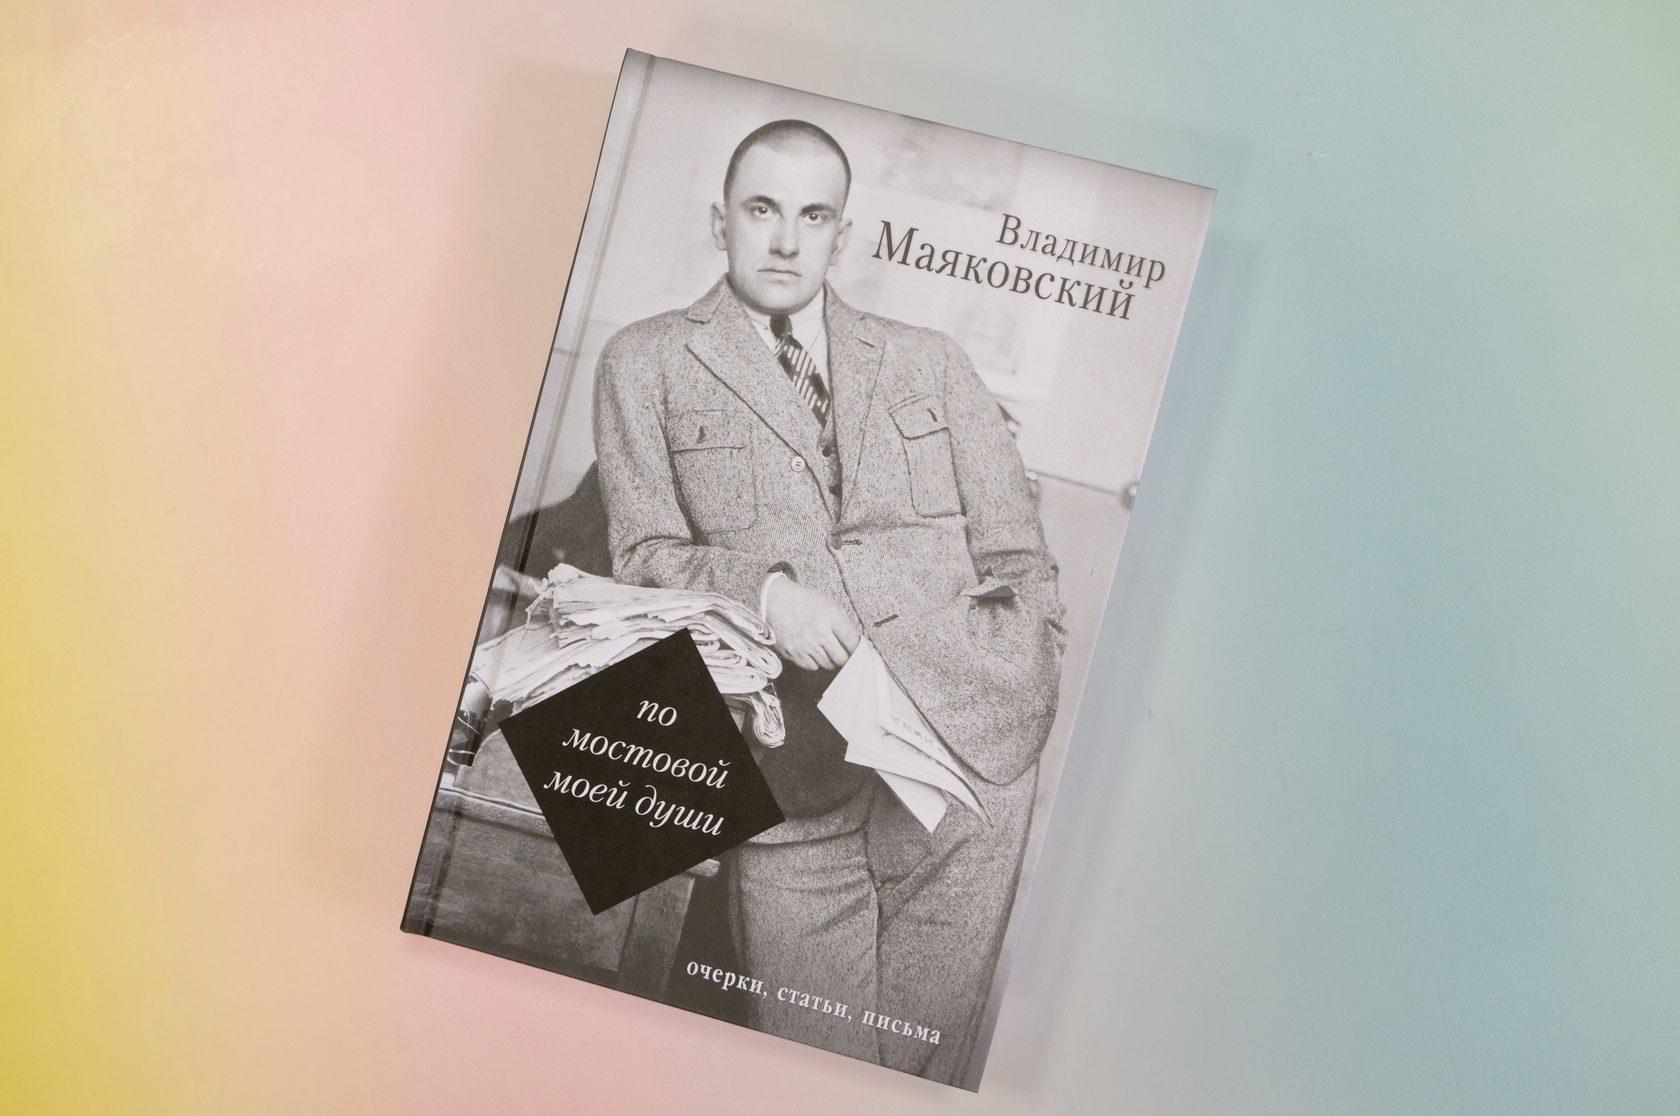 Владимир Маяковский «По мостовой моей души. Письма и дневники»